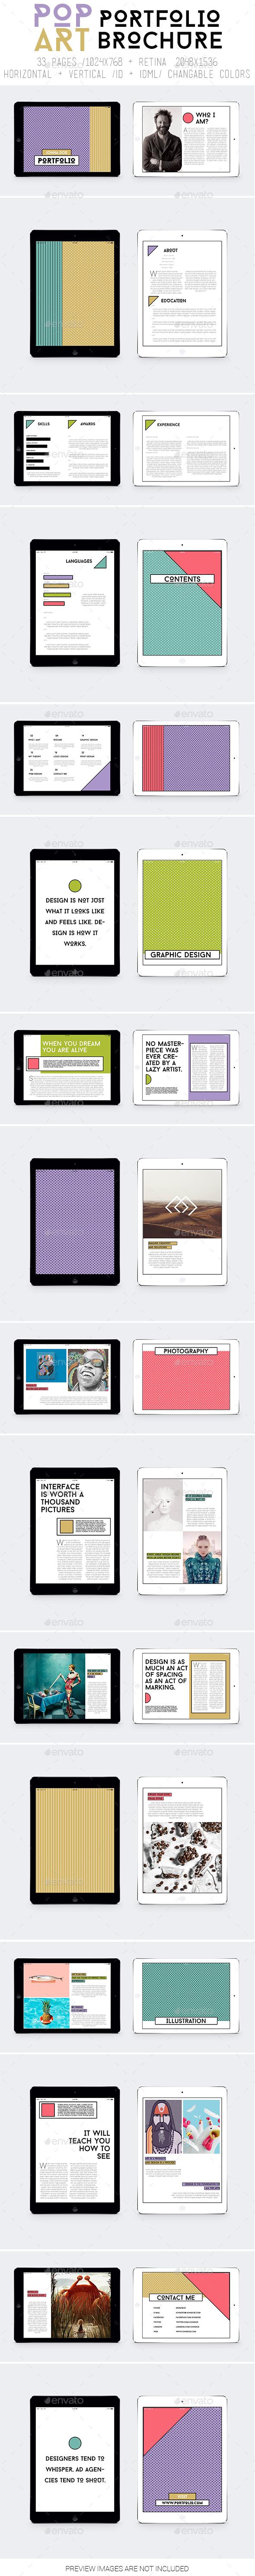 Ipad&Tablet Pop Art Portfolio - ePublishing